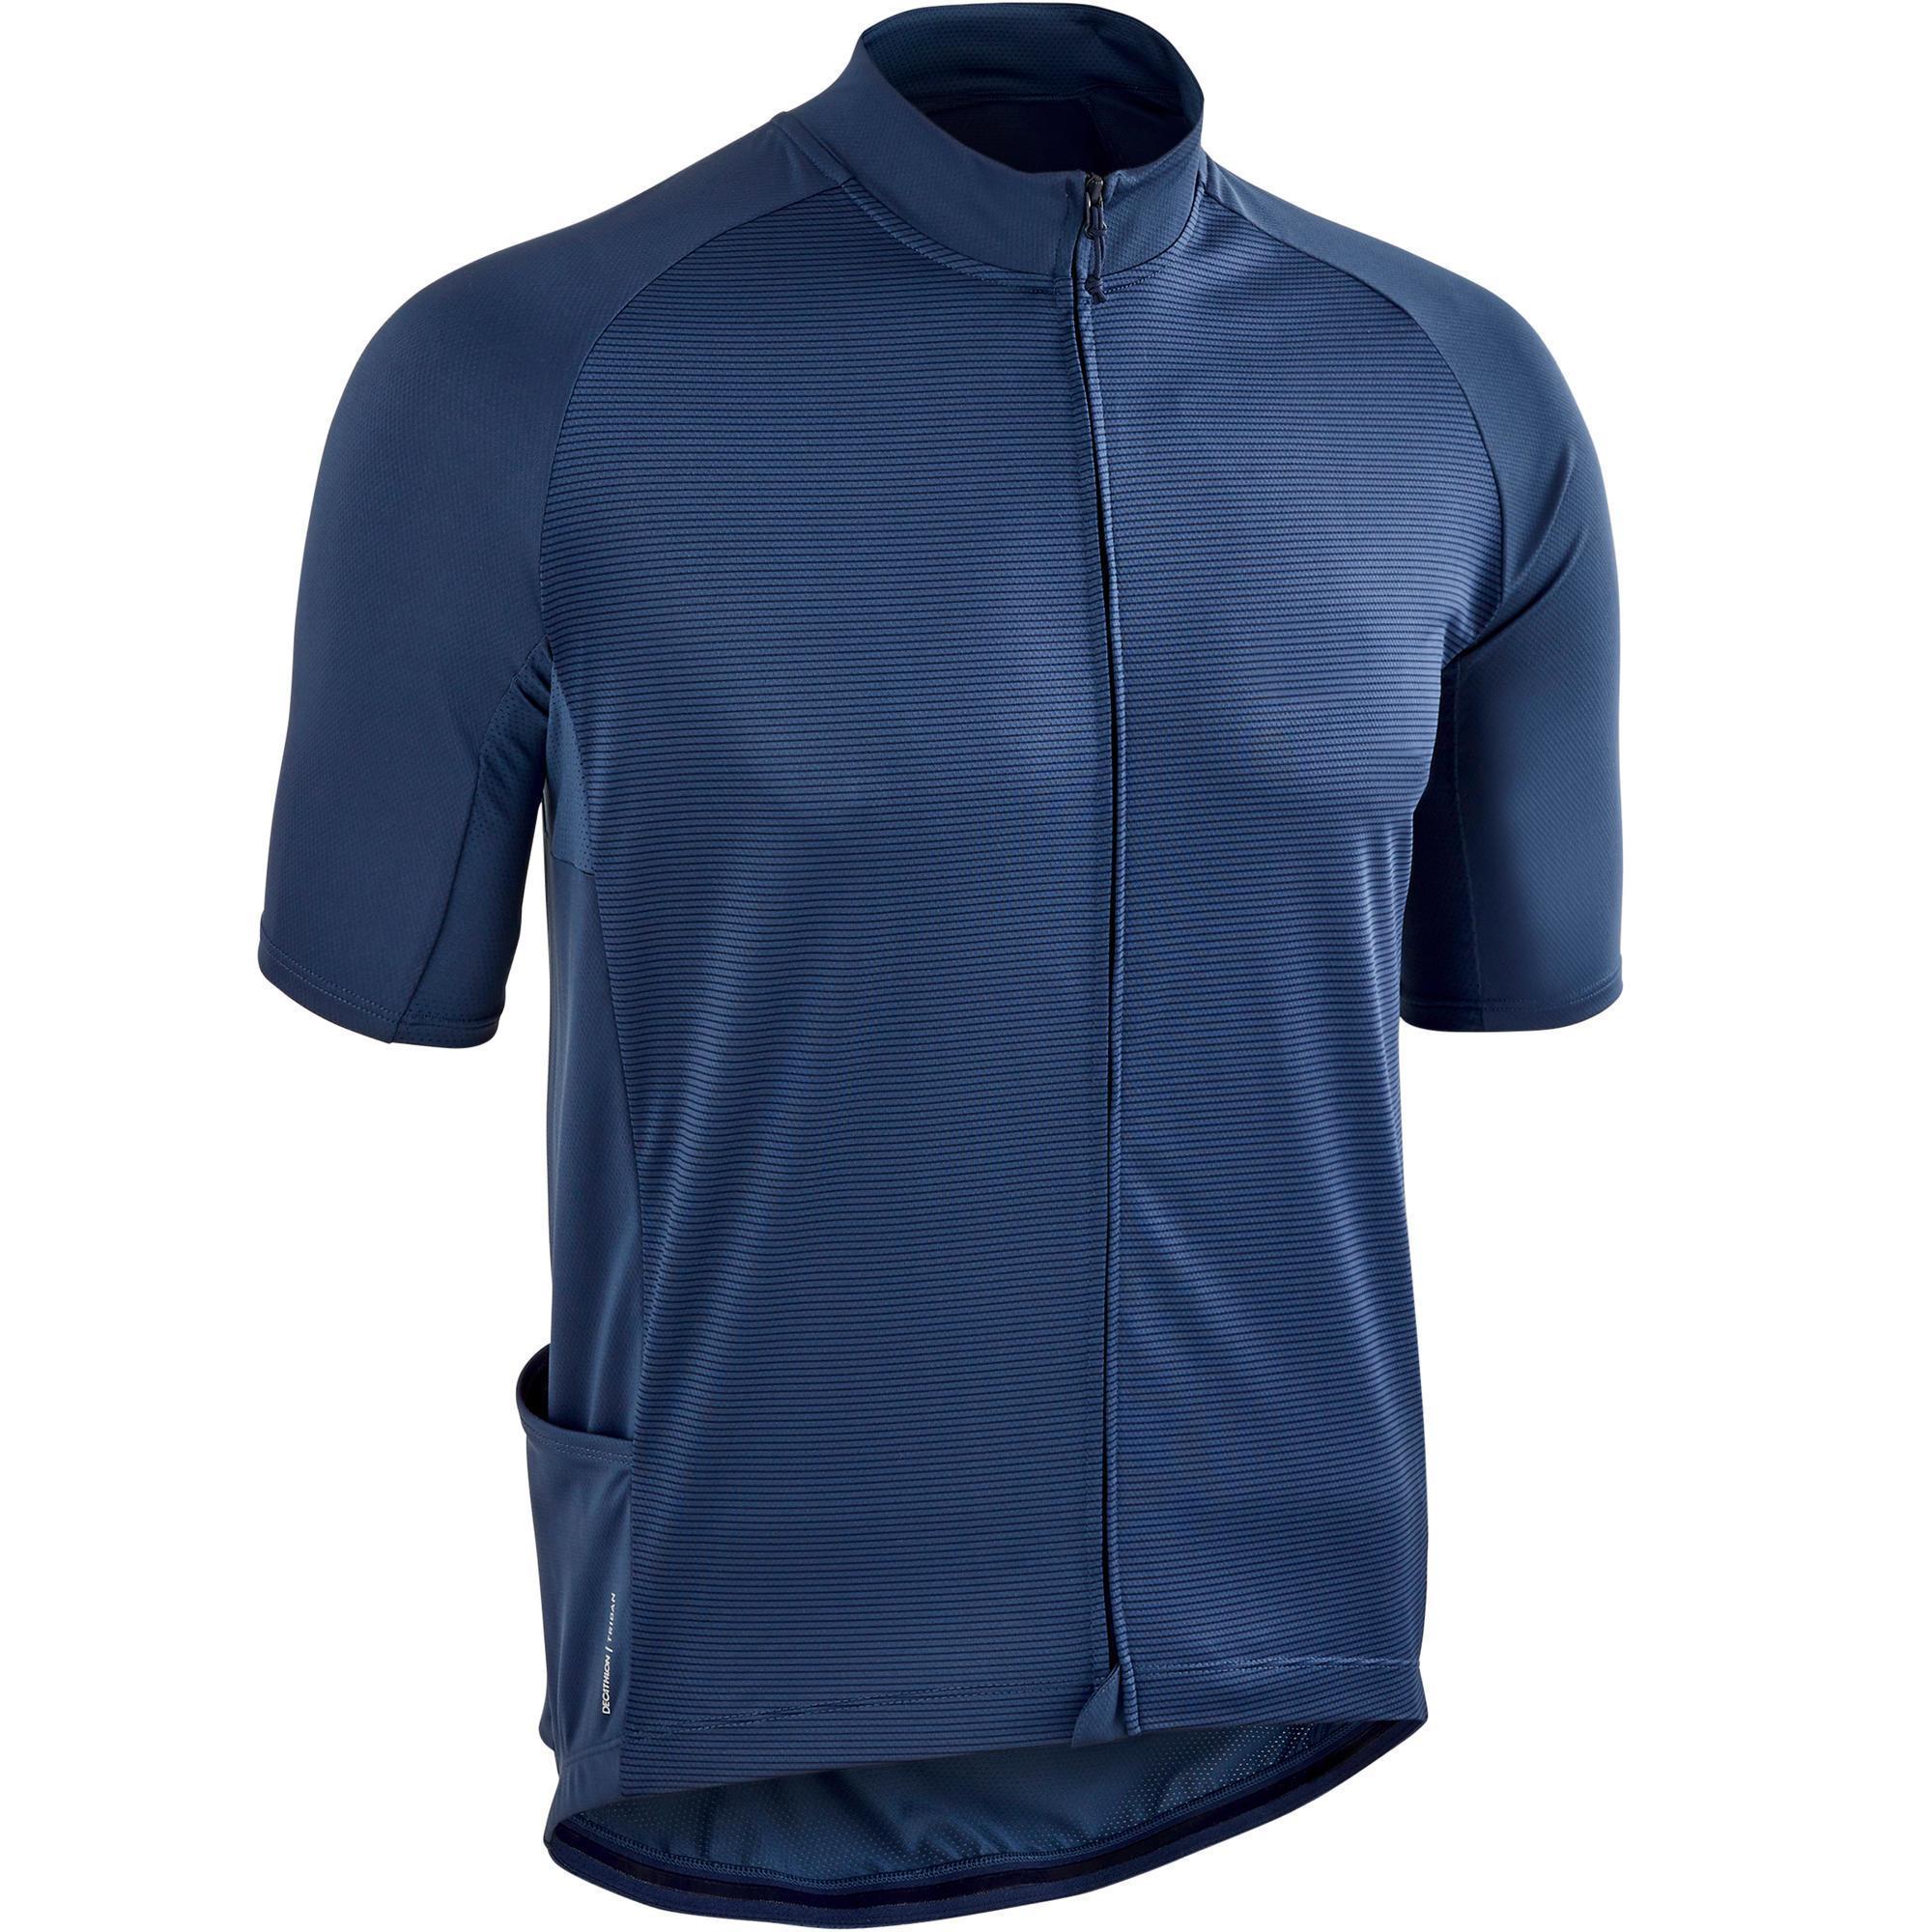 Triban Wielershirt RC100 met korte mouwen heren marineblauw kopen